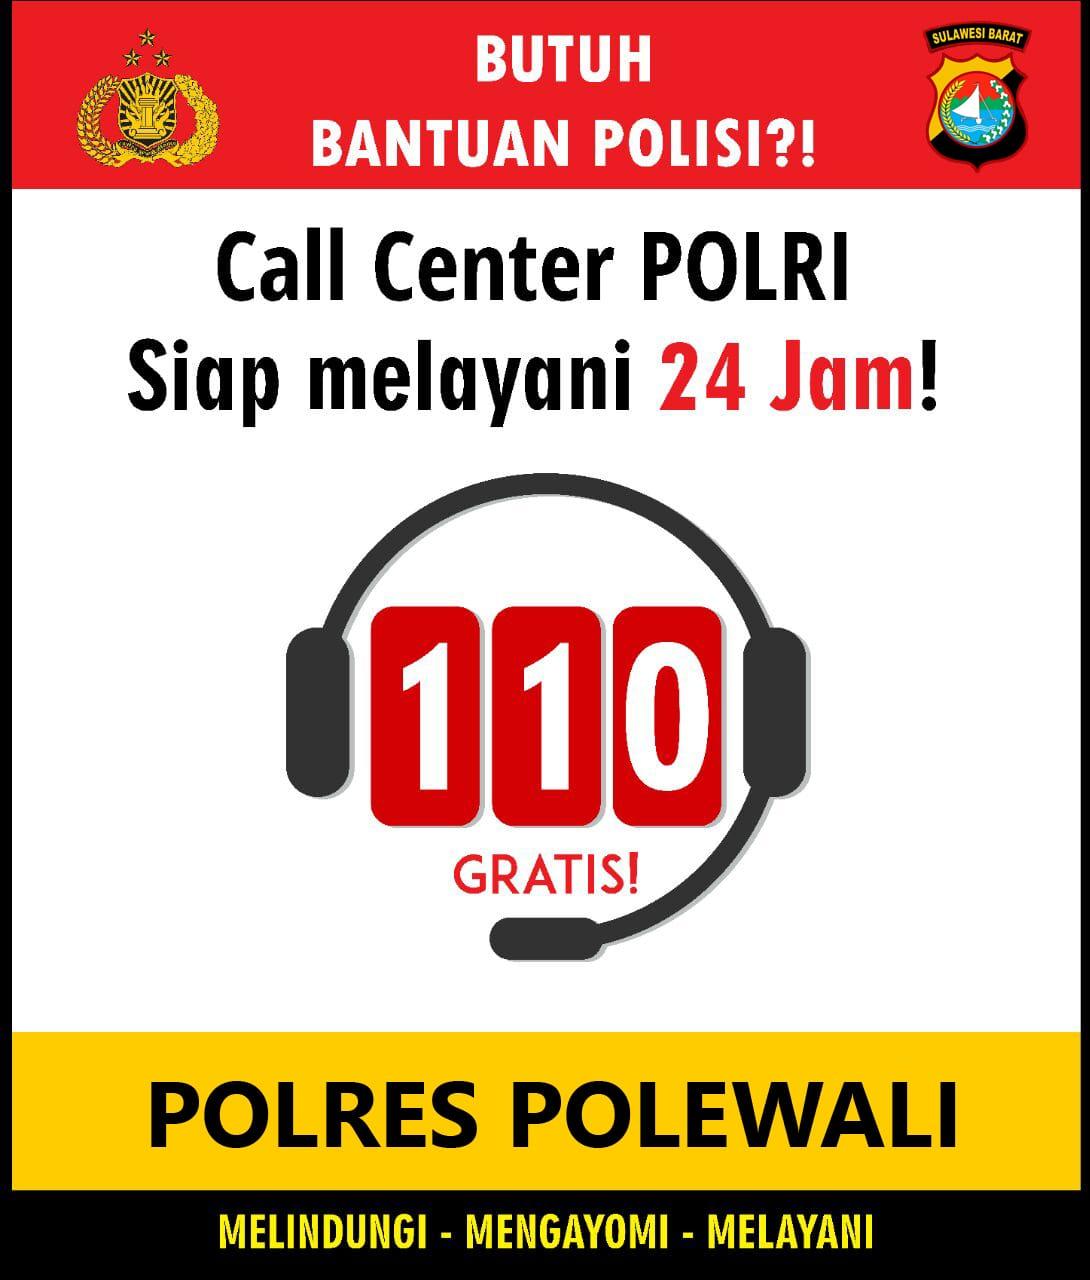 Call Center 110